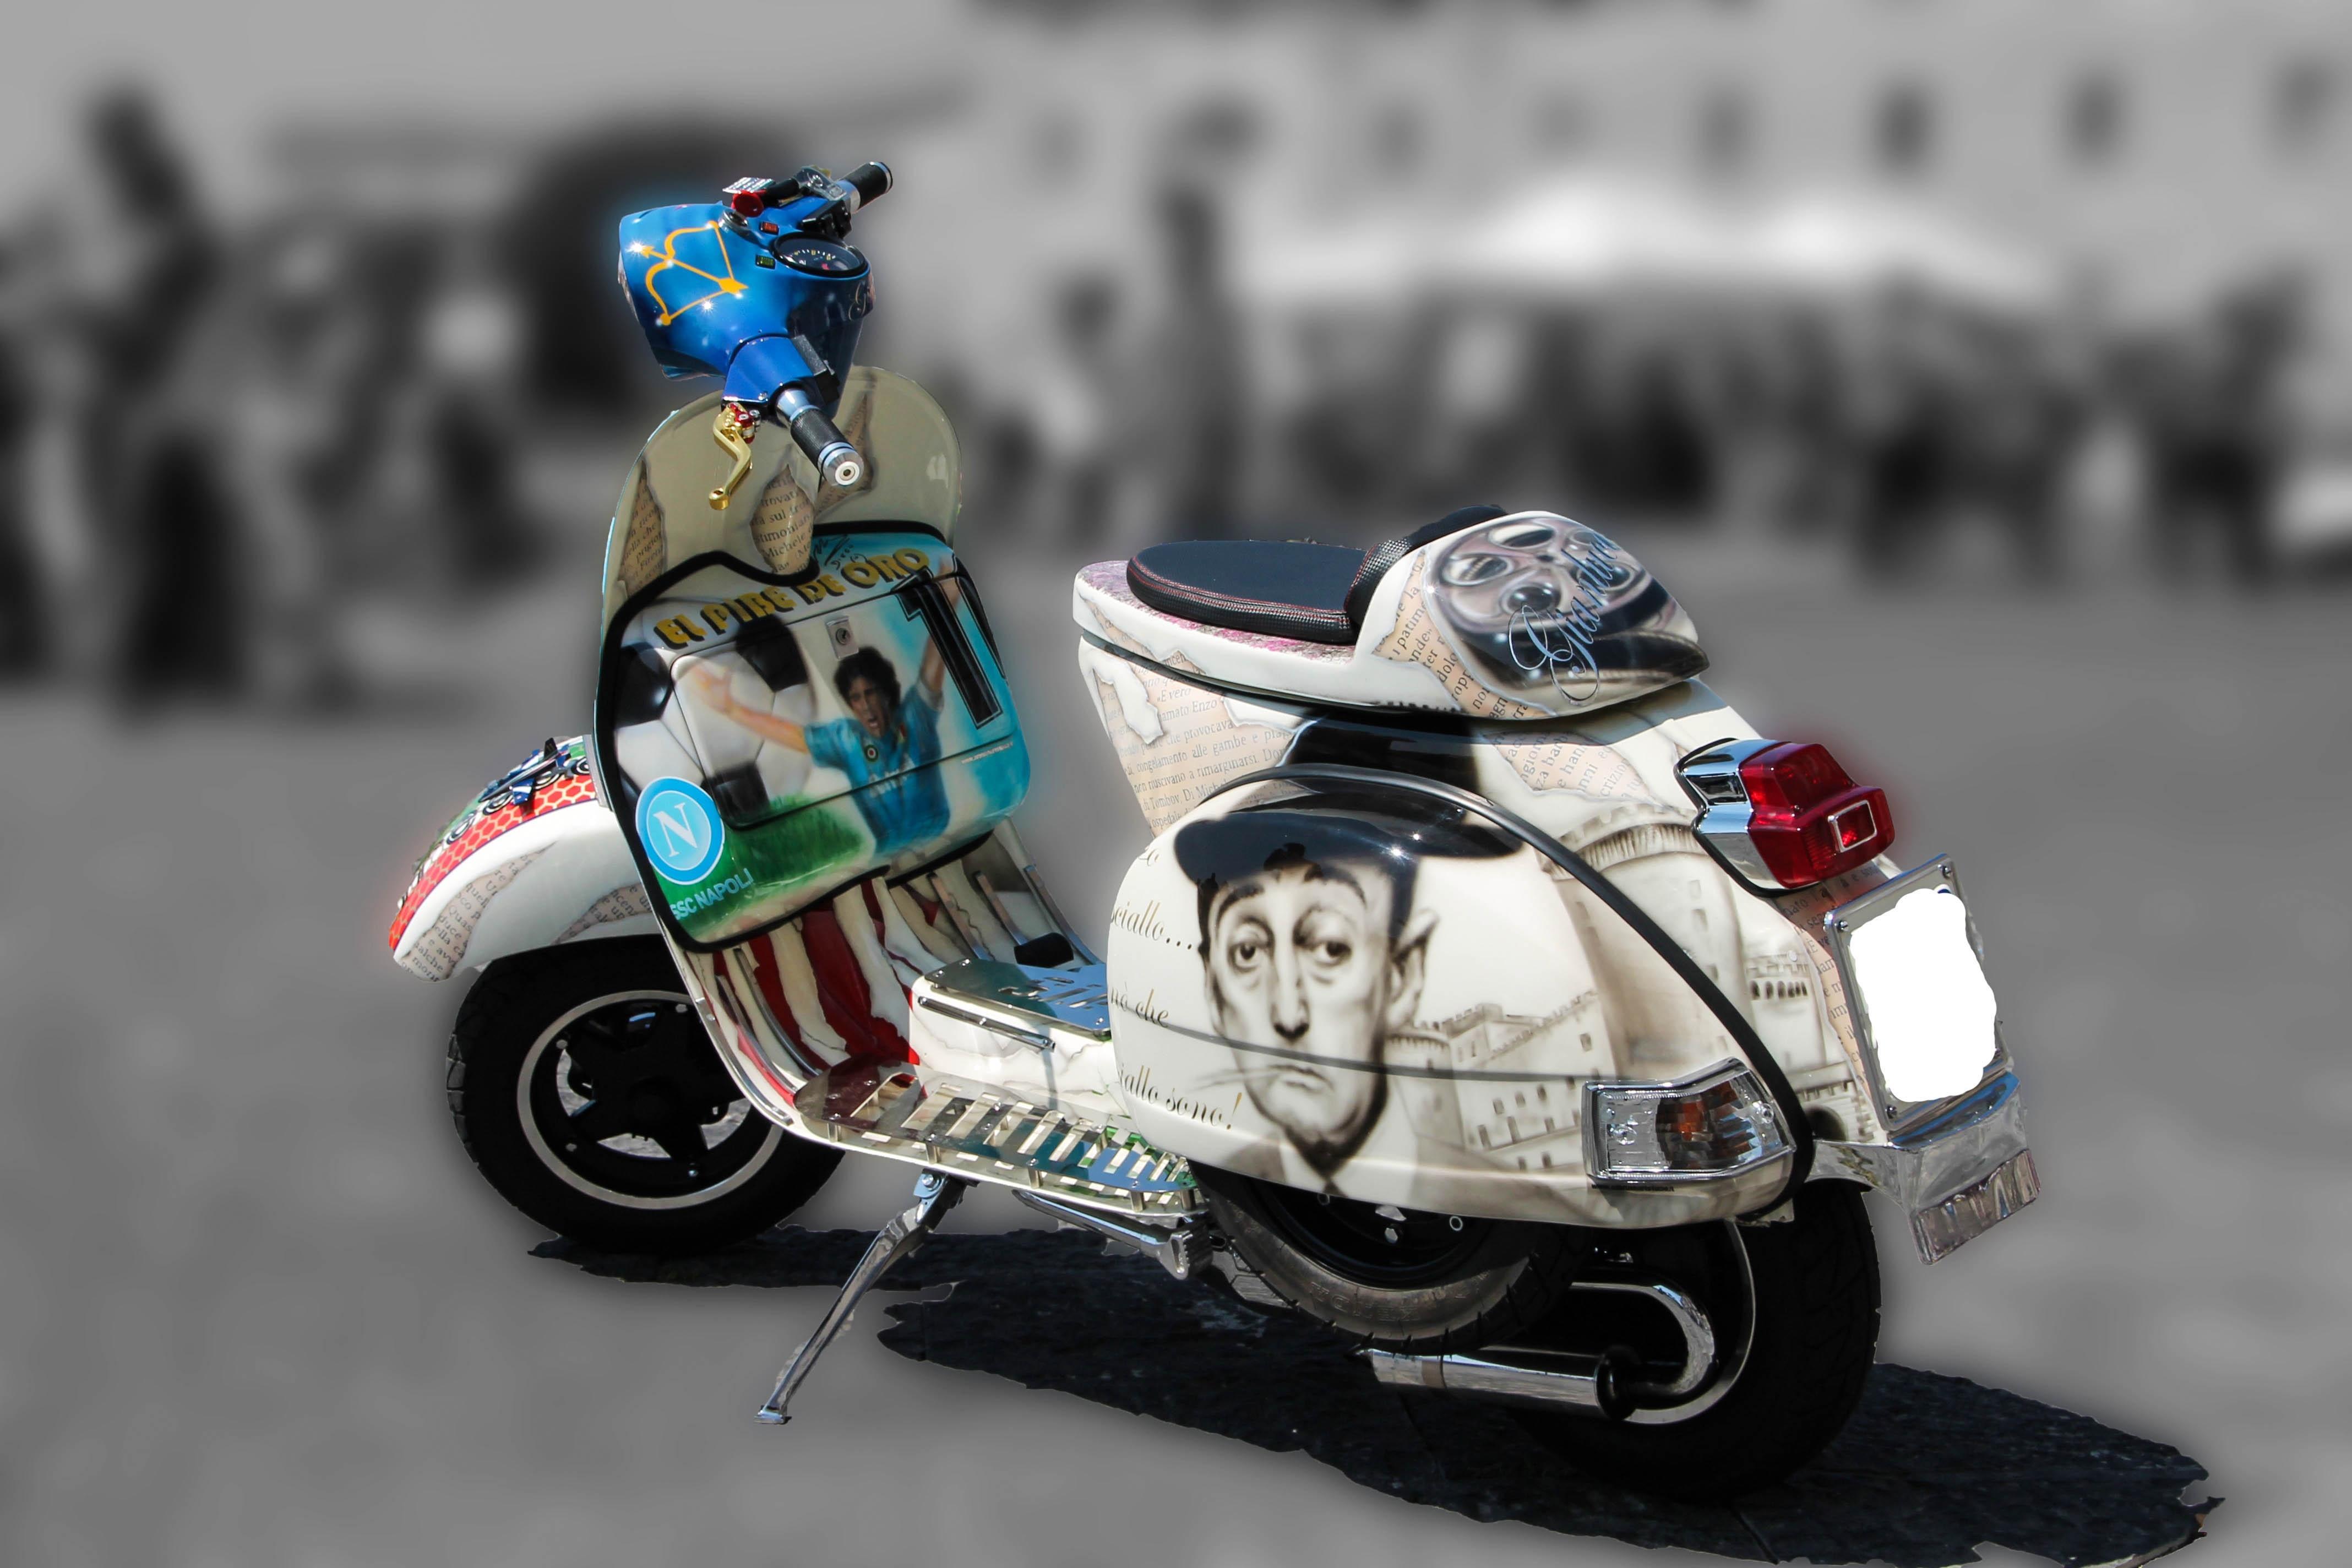 ばくおん!! メインキャラ 中野 千雨が乗るバイク